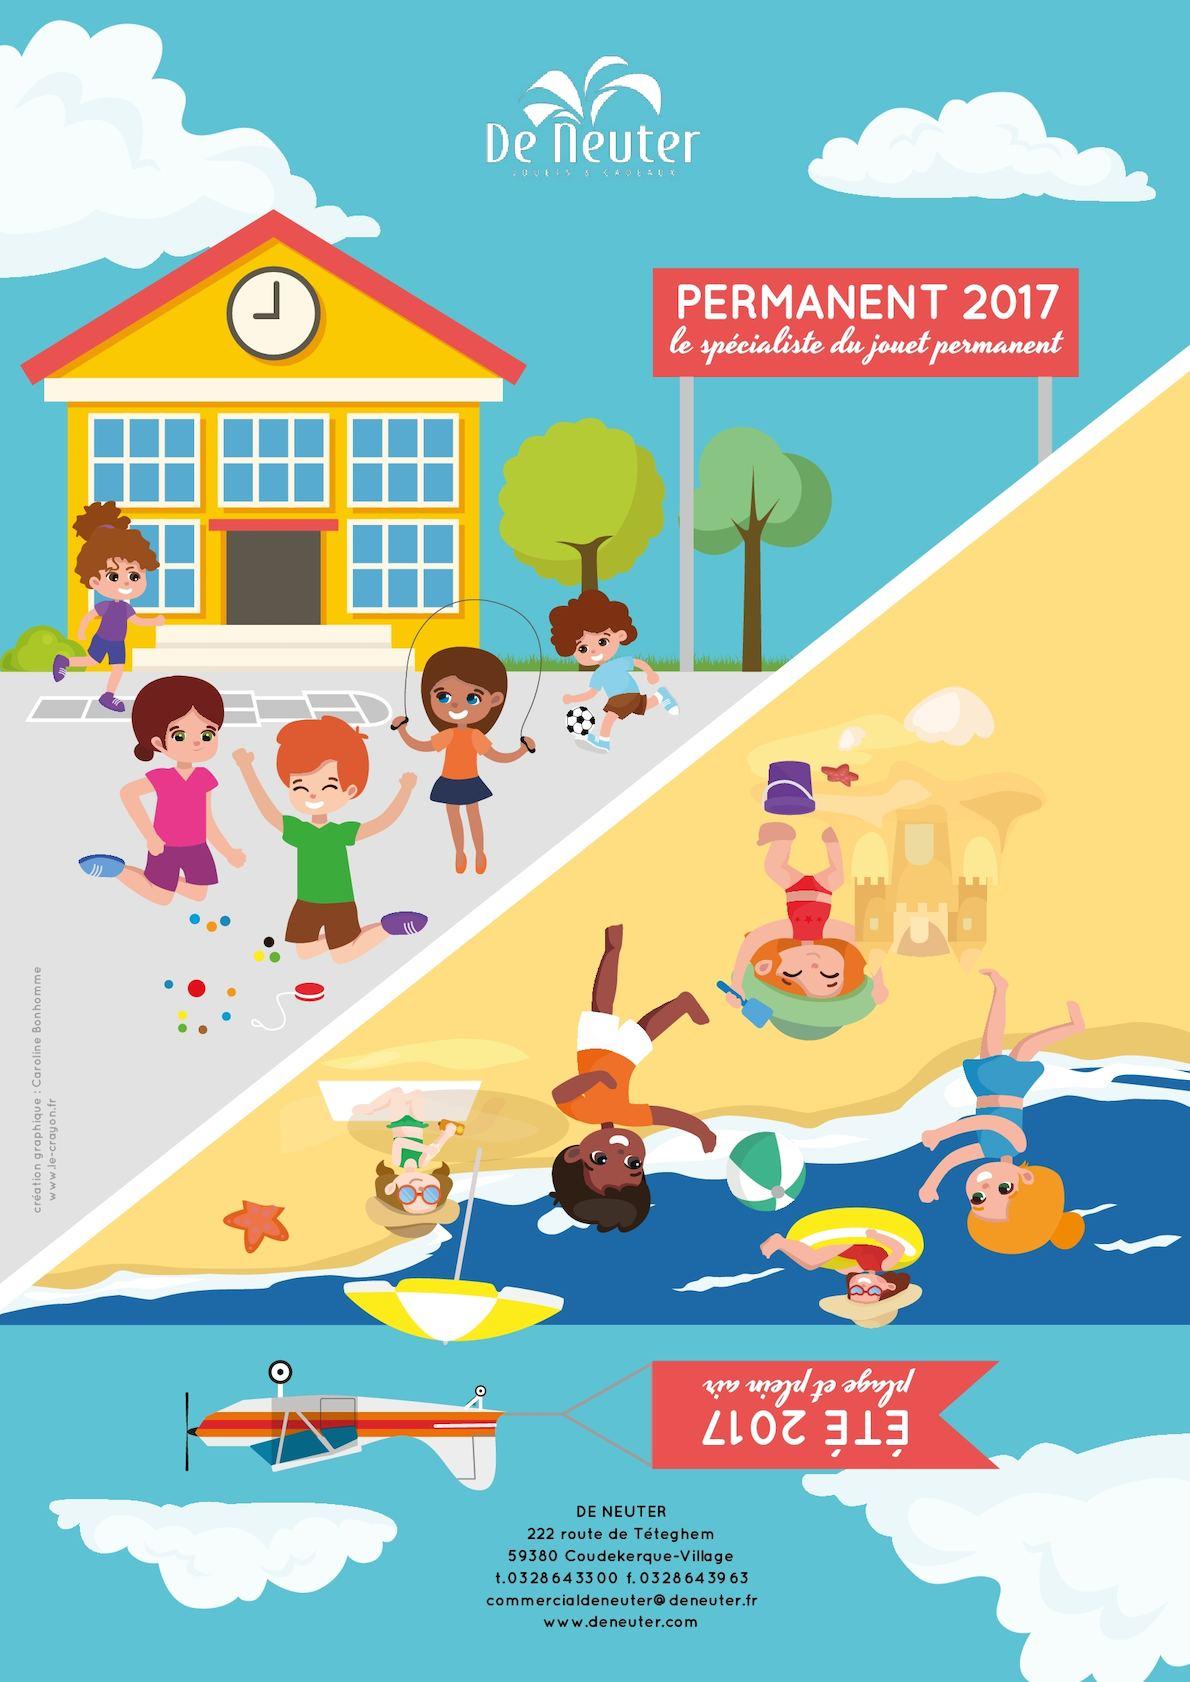 Permanent De Calaméo Neuter 2017 Catalogue pMzGqSUVL